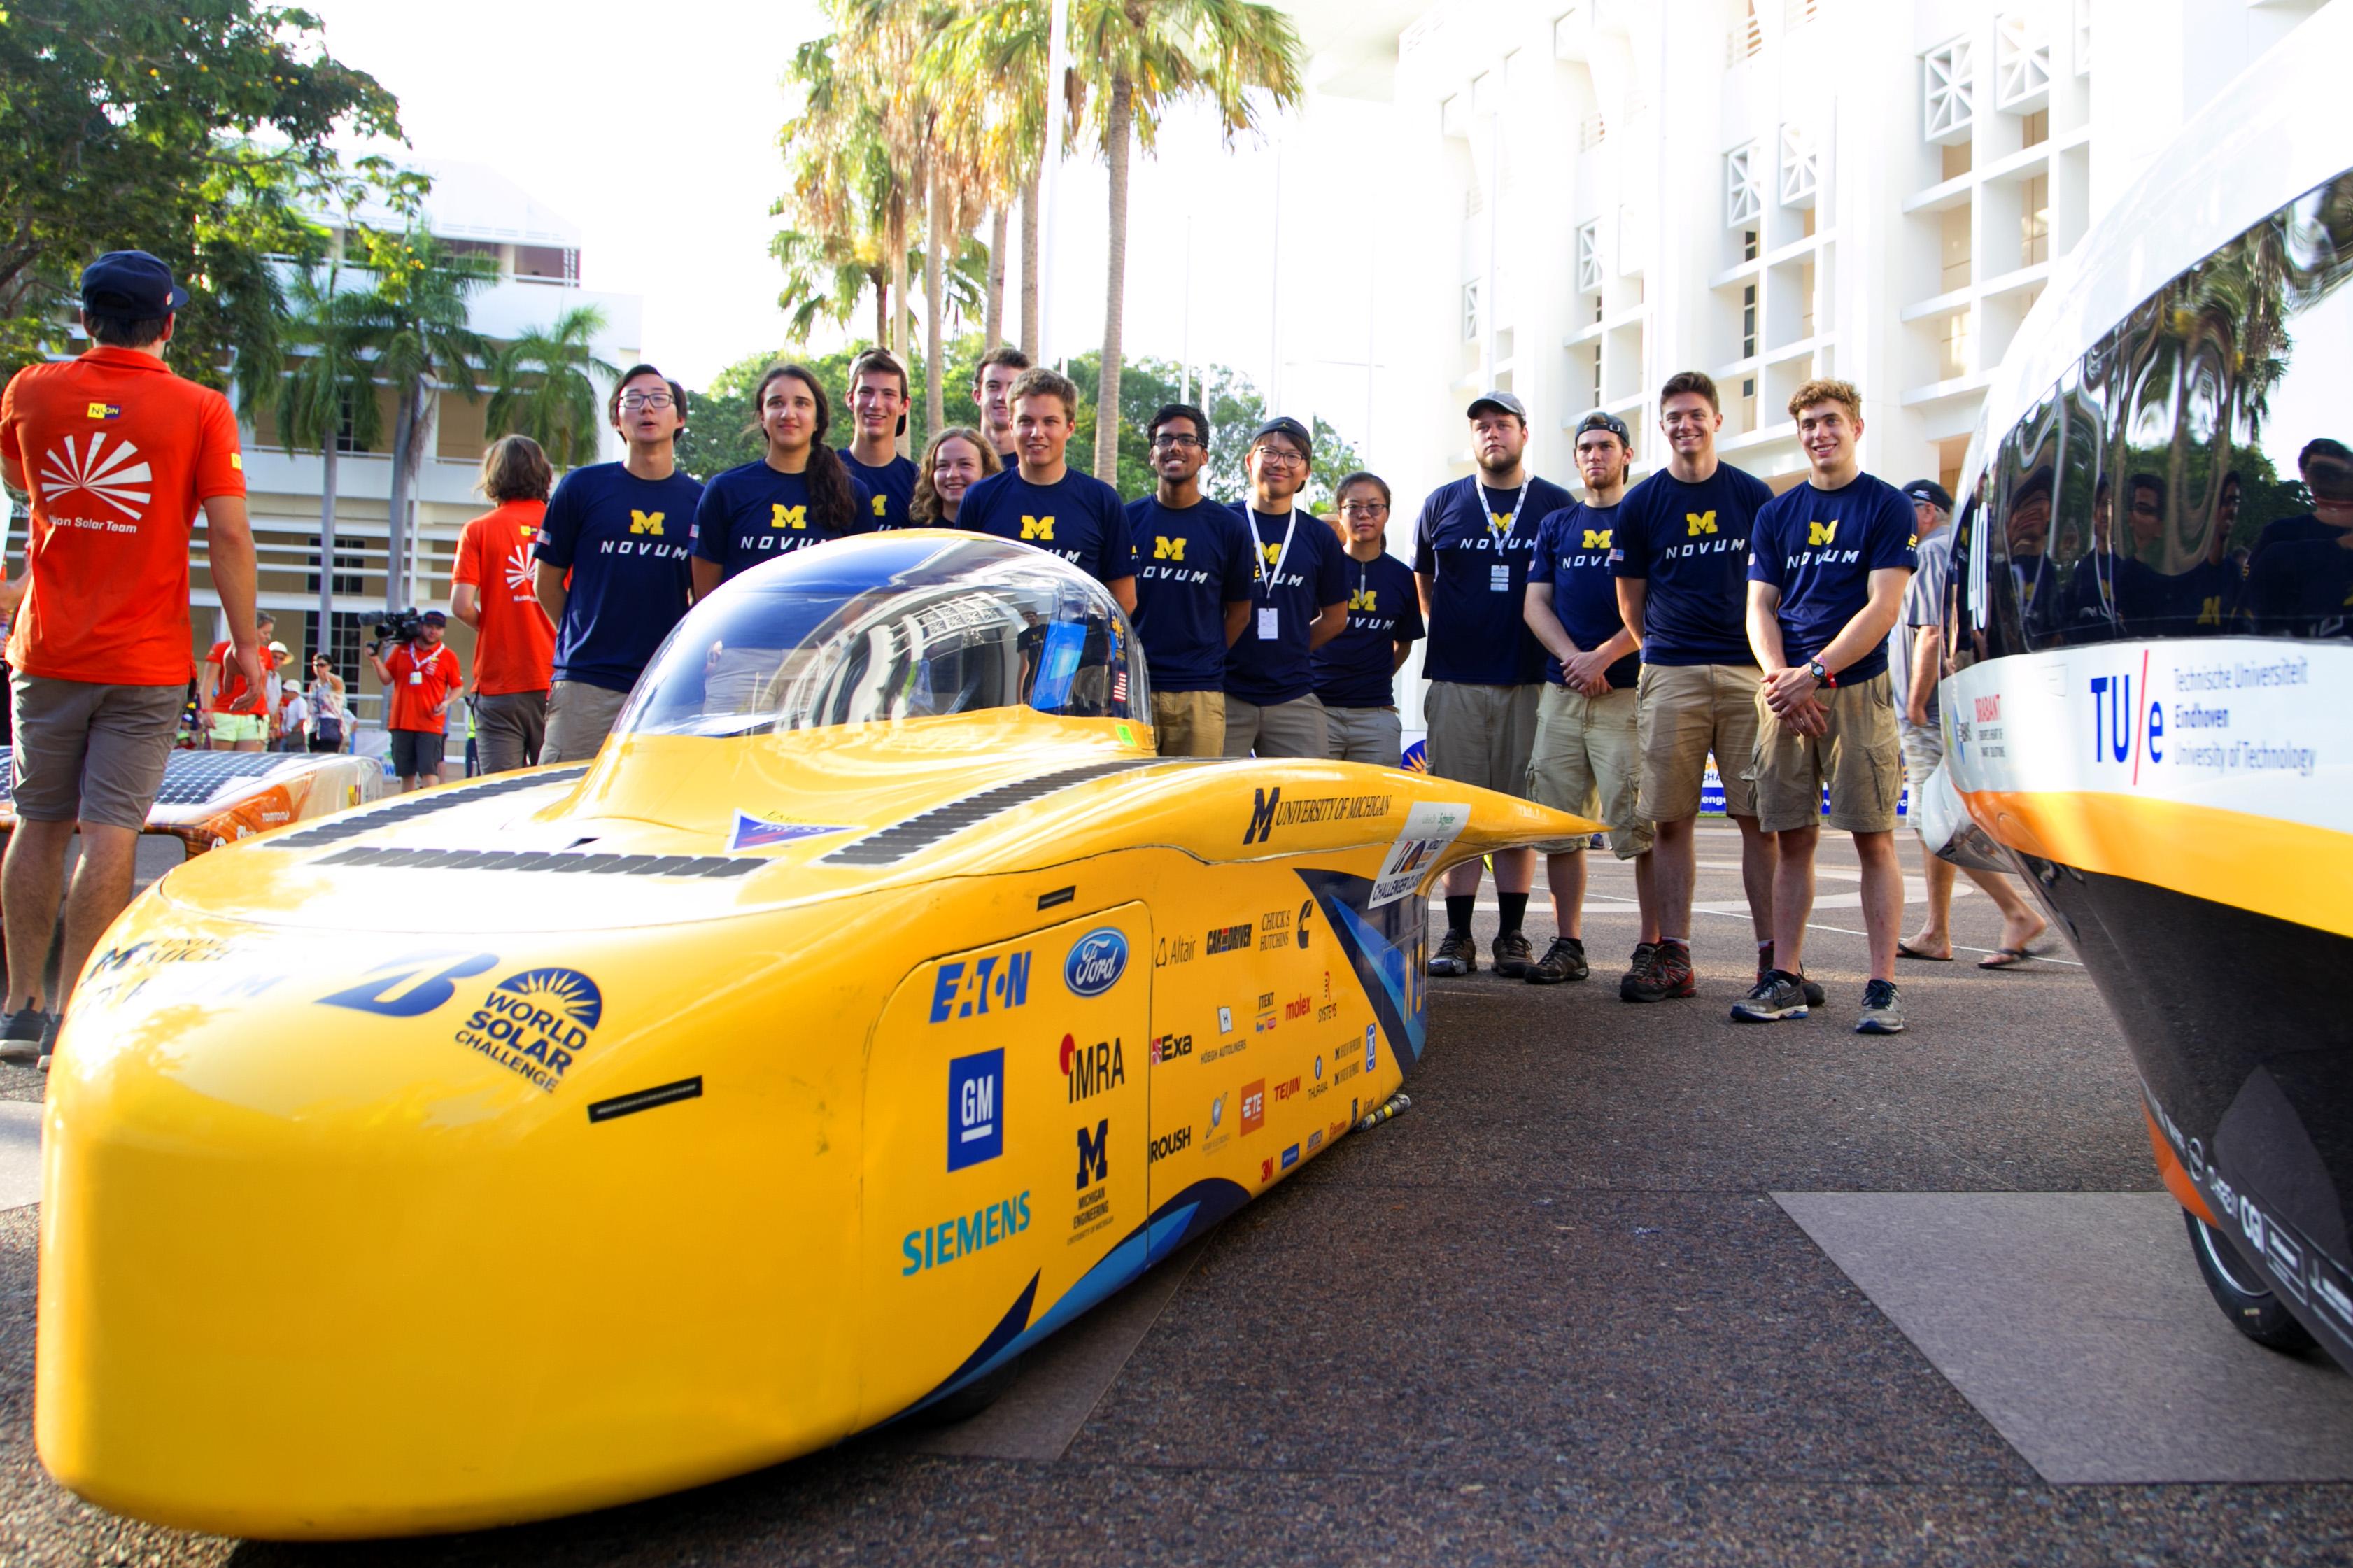 Michigan Solar Car Team